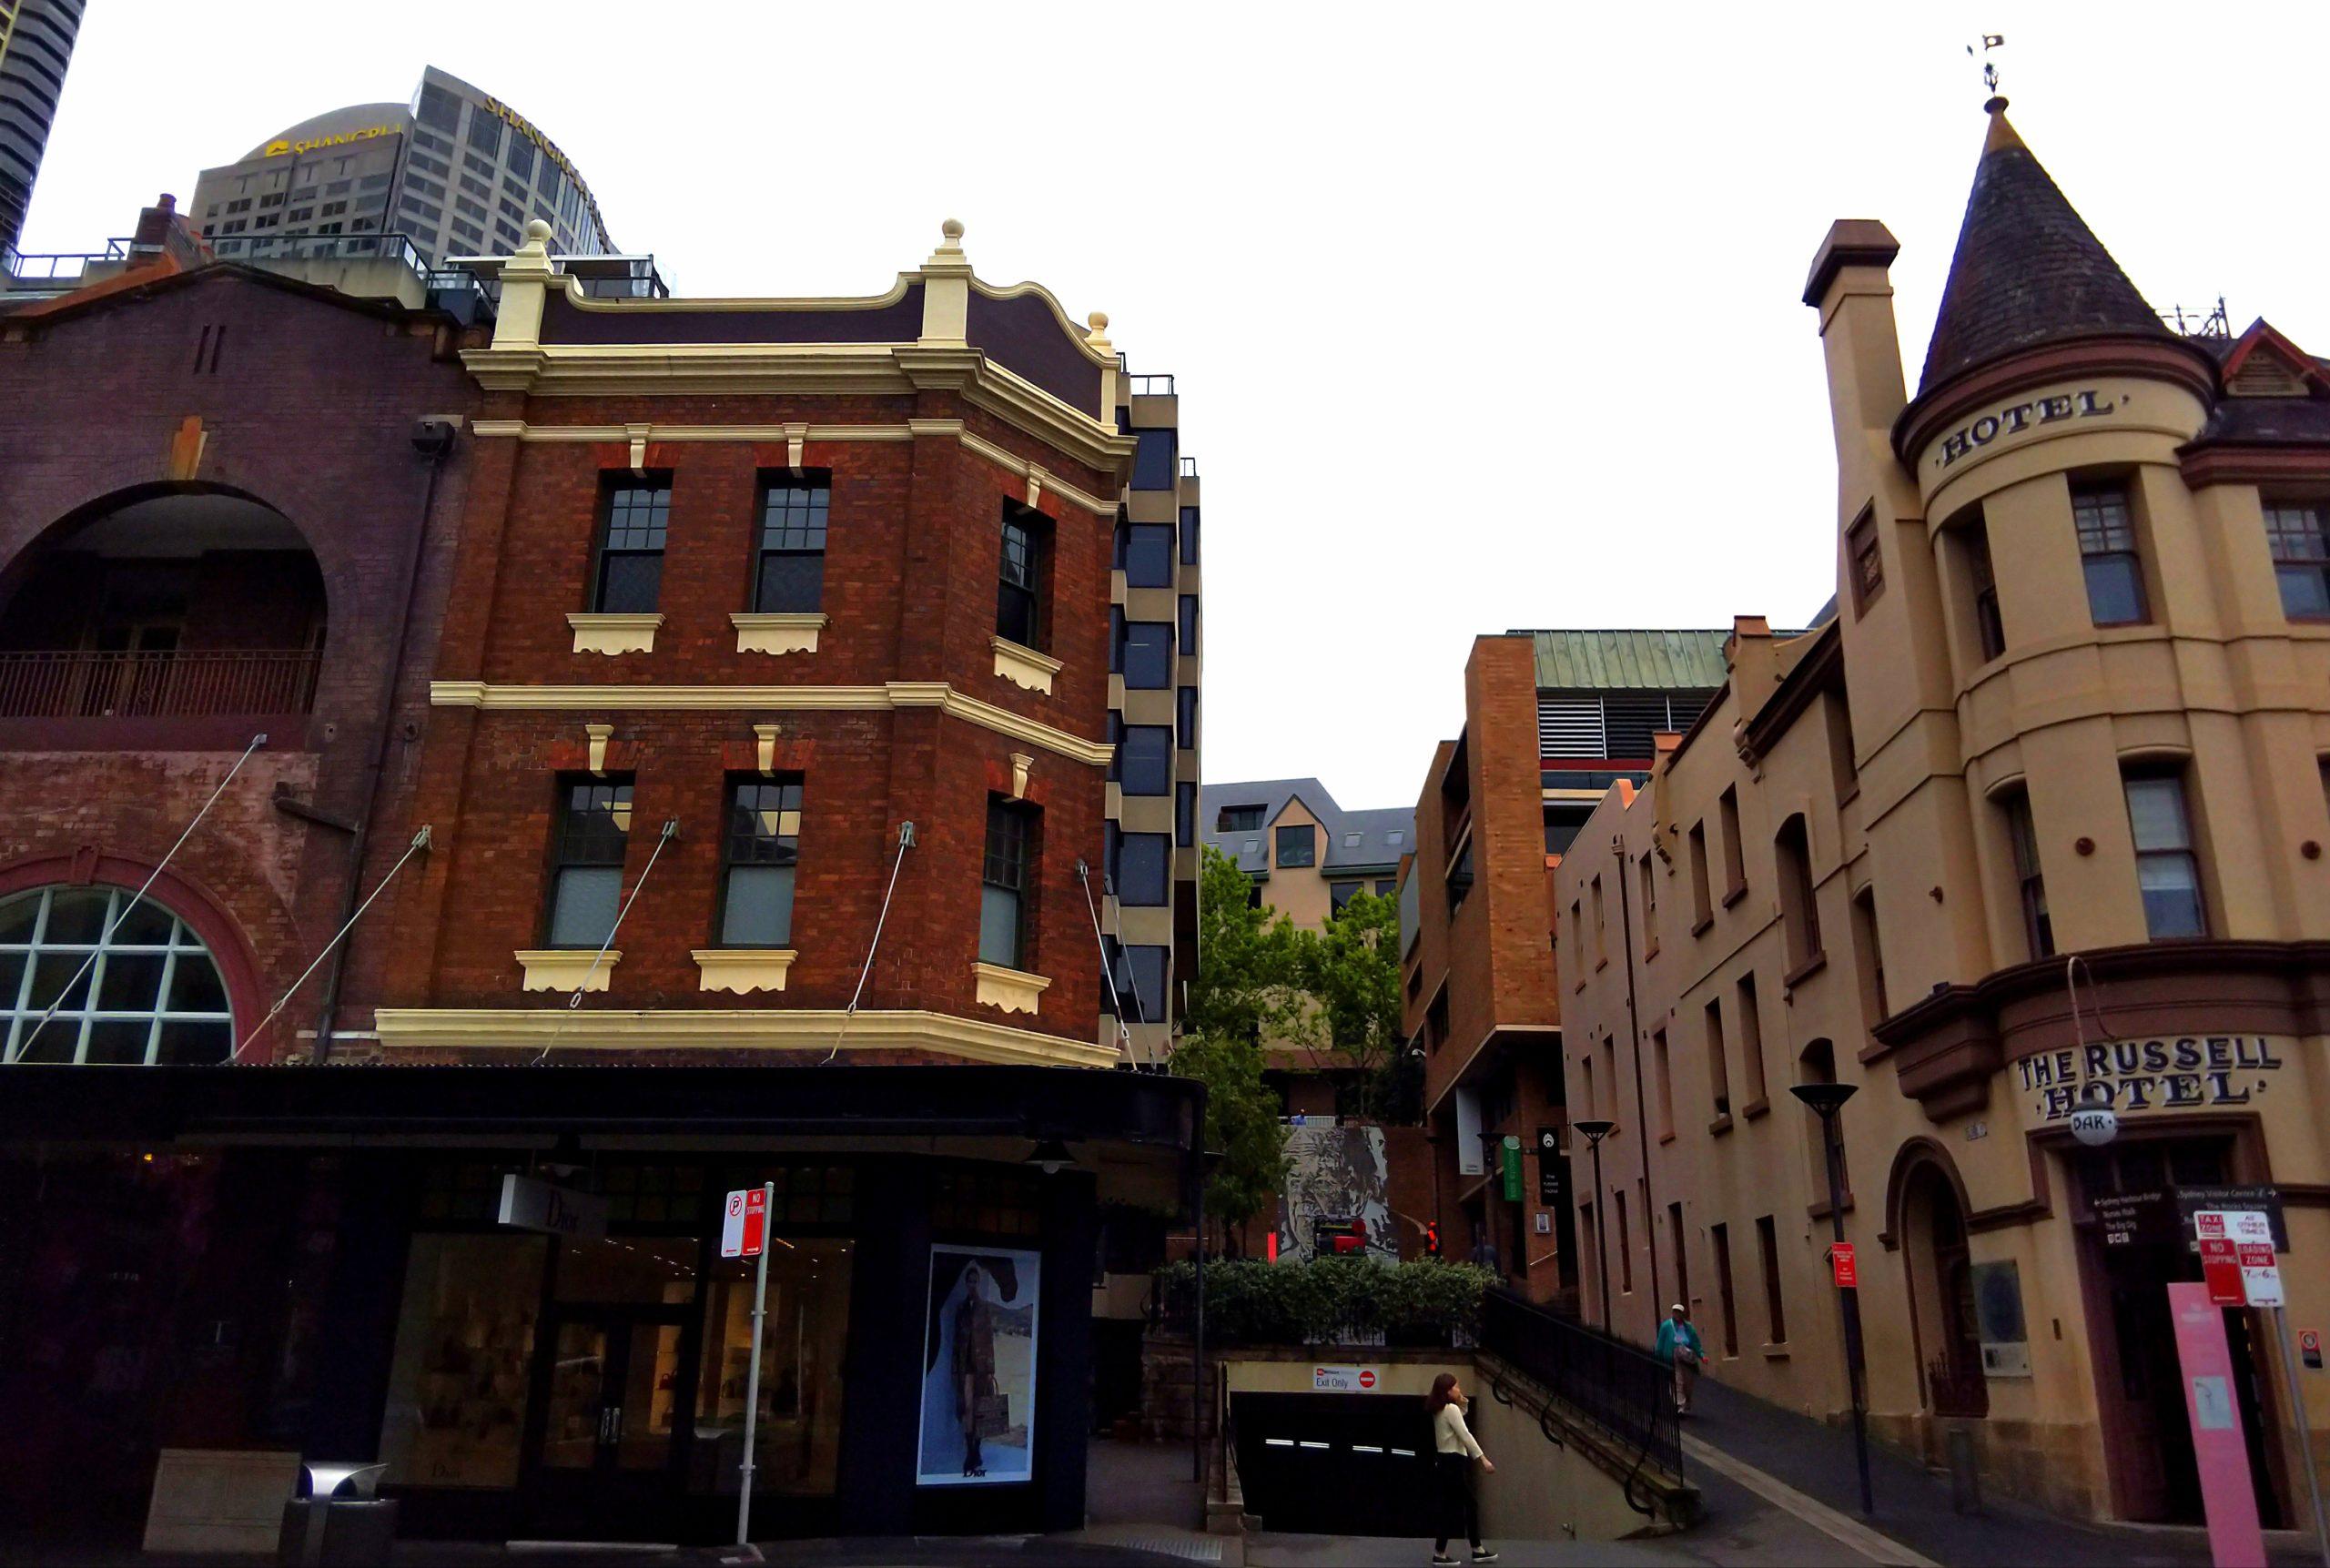 シドニーのロックス地区